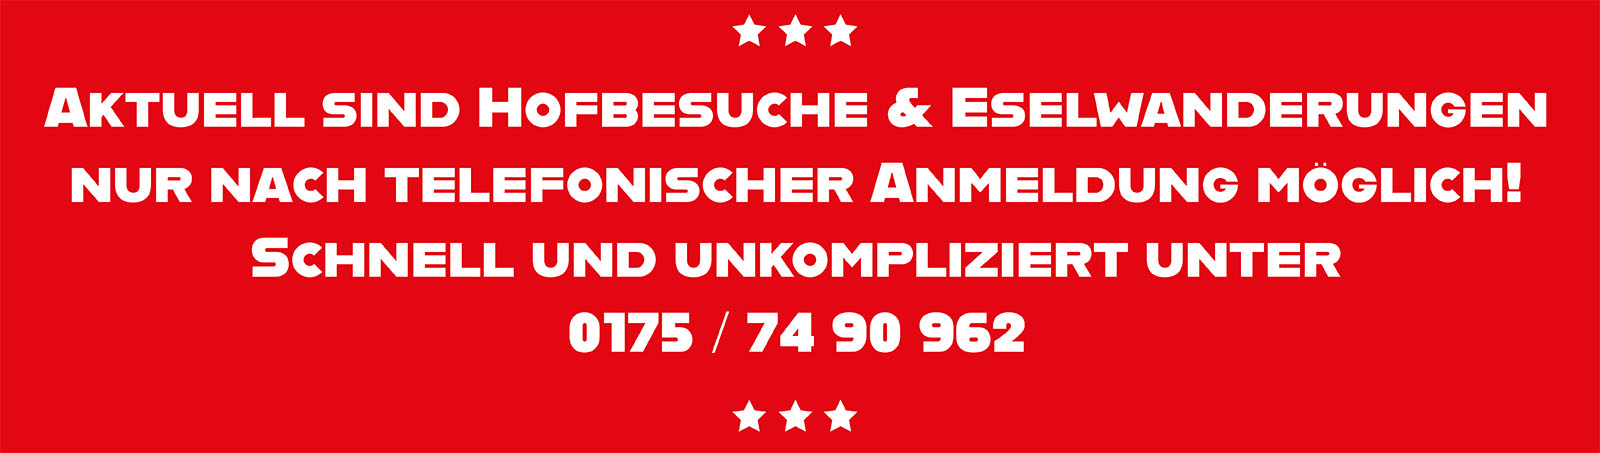 Aktuell sind Hofbesuche und Eselwanderungen auf dem Schwillehof nur nach telefonischer Voranmeldung möglich! Schnell und unkompliziert unter Tel. 0175 / 74 90 962